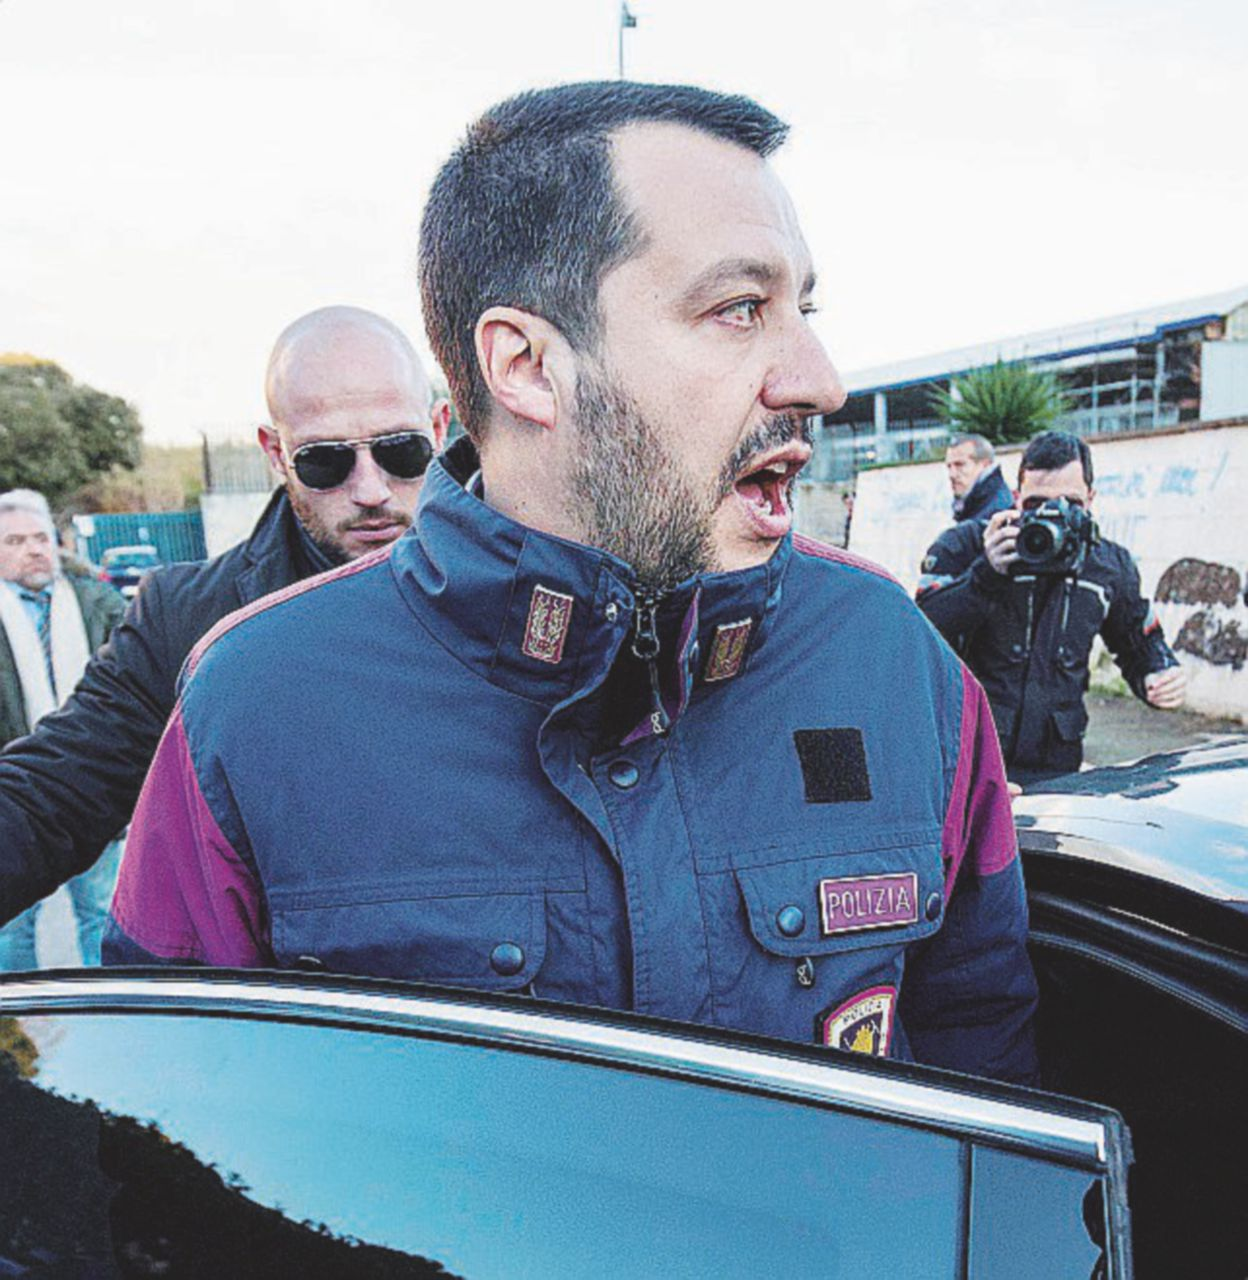 In Edicola sul Fatto del 11 Gennaio: Sondaggi calanti e tensioni, Salvini soffre Conte